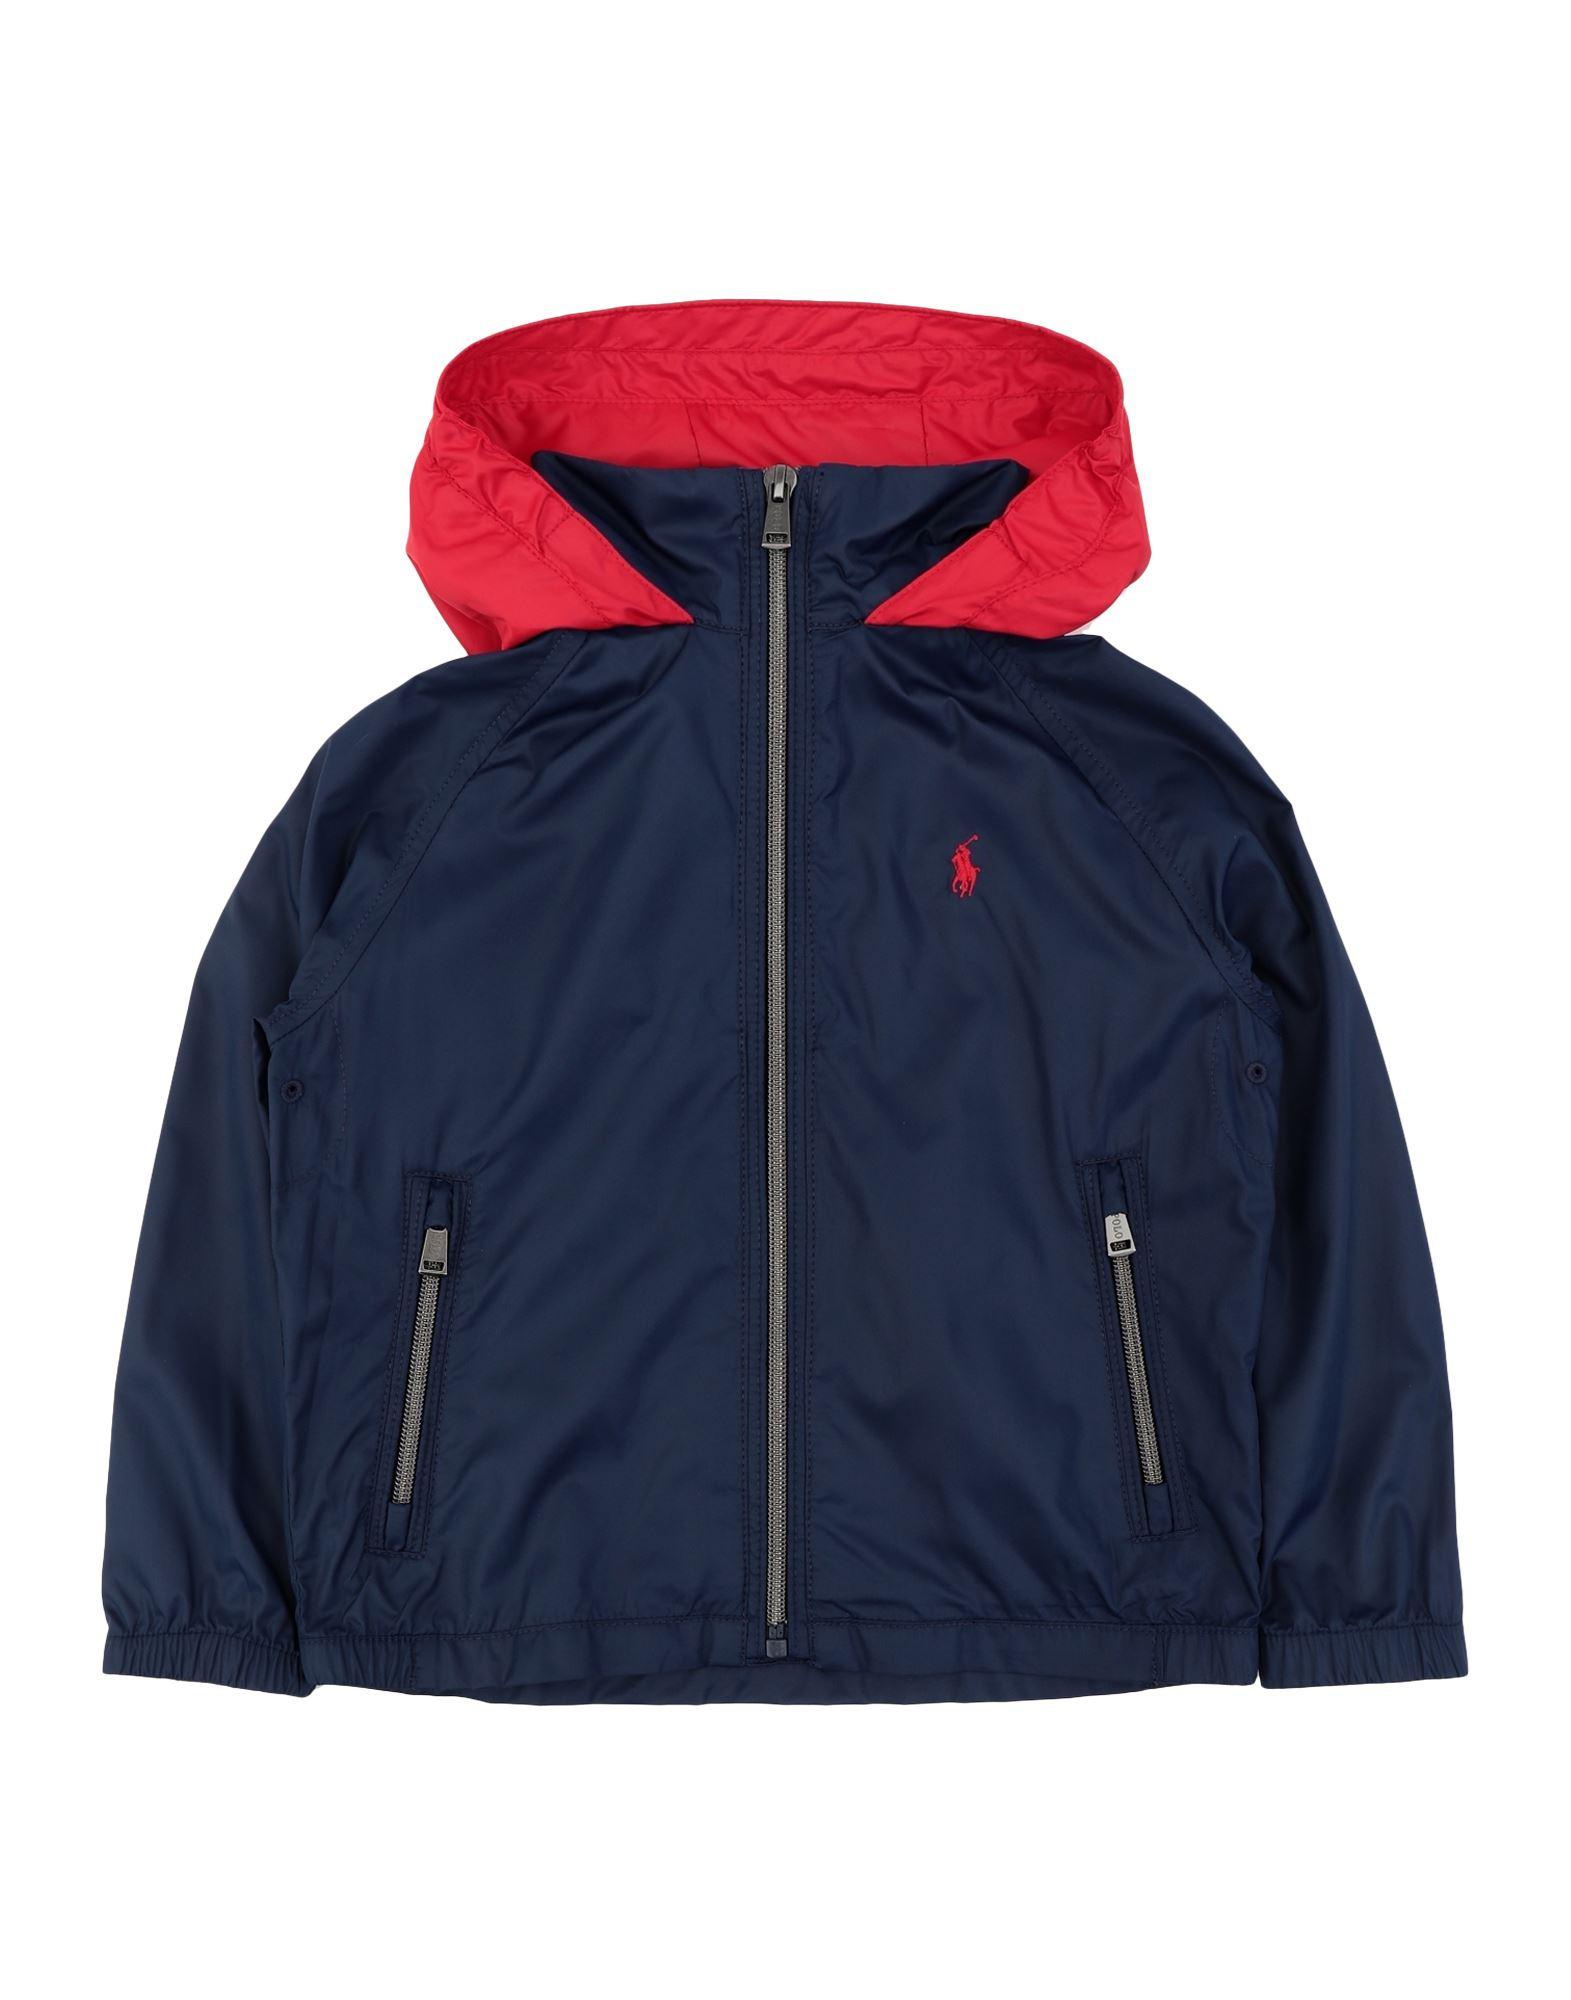 《セール開催中》RALPH LAUREN ボーイズ 3-8 歳 ブルゾン ダークブルー 6 ポリエステル 100% Water-Resistant Packable Hooded Jacket